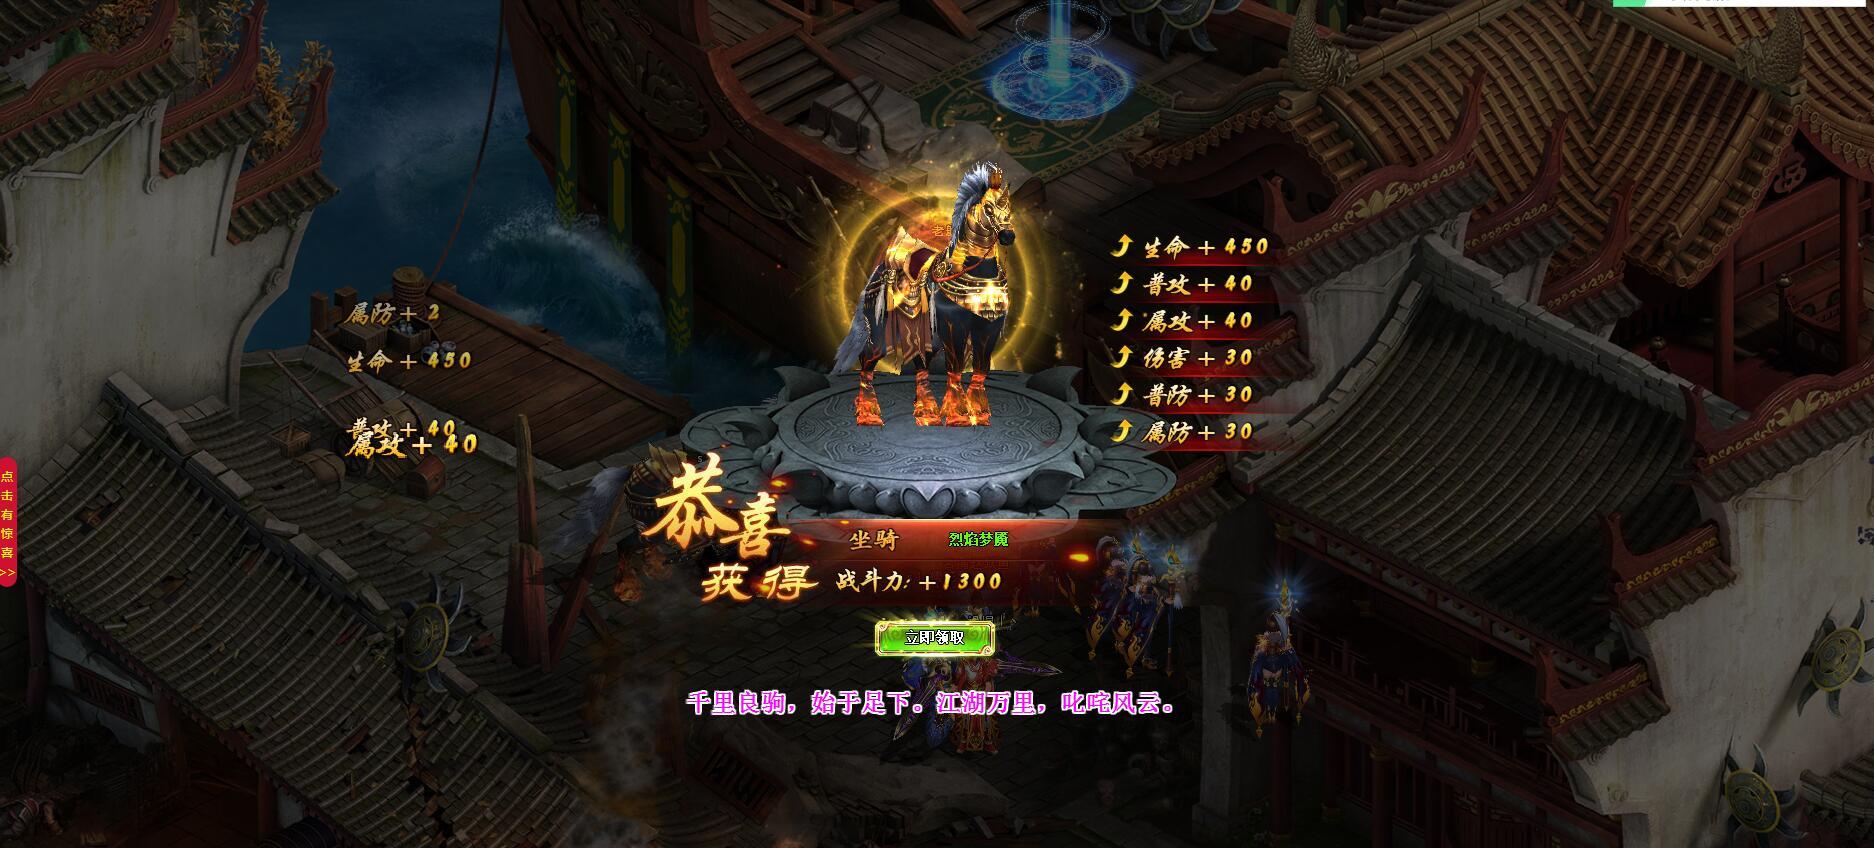 烈焰噬神游戏截图1